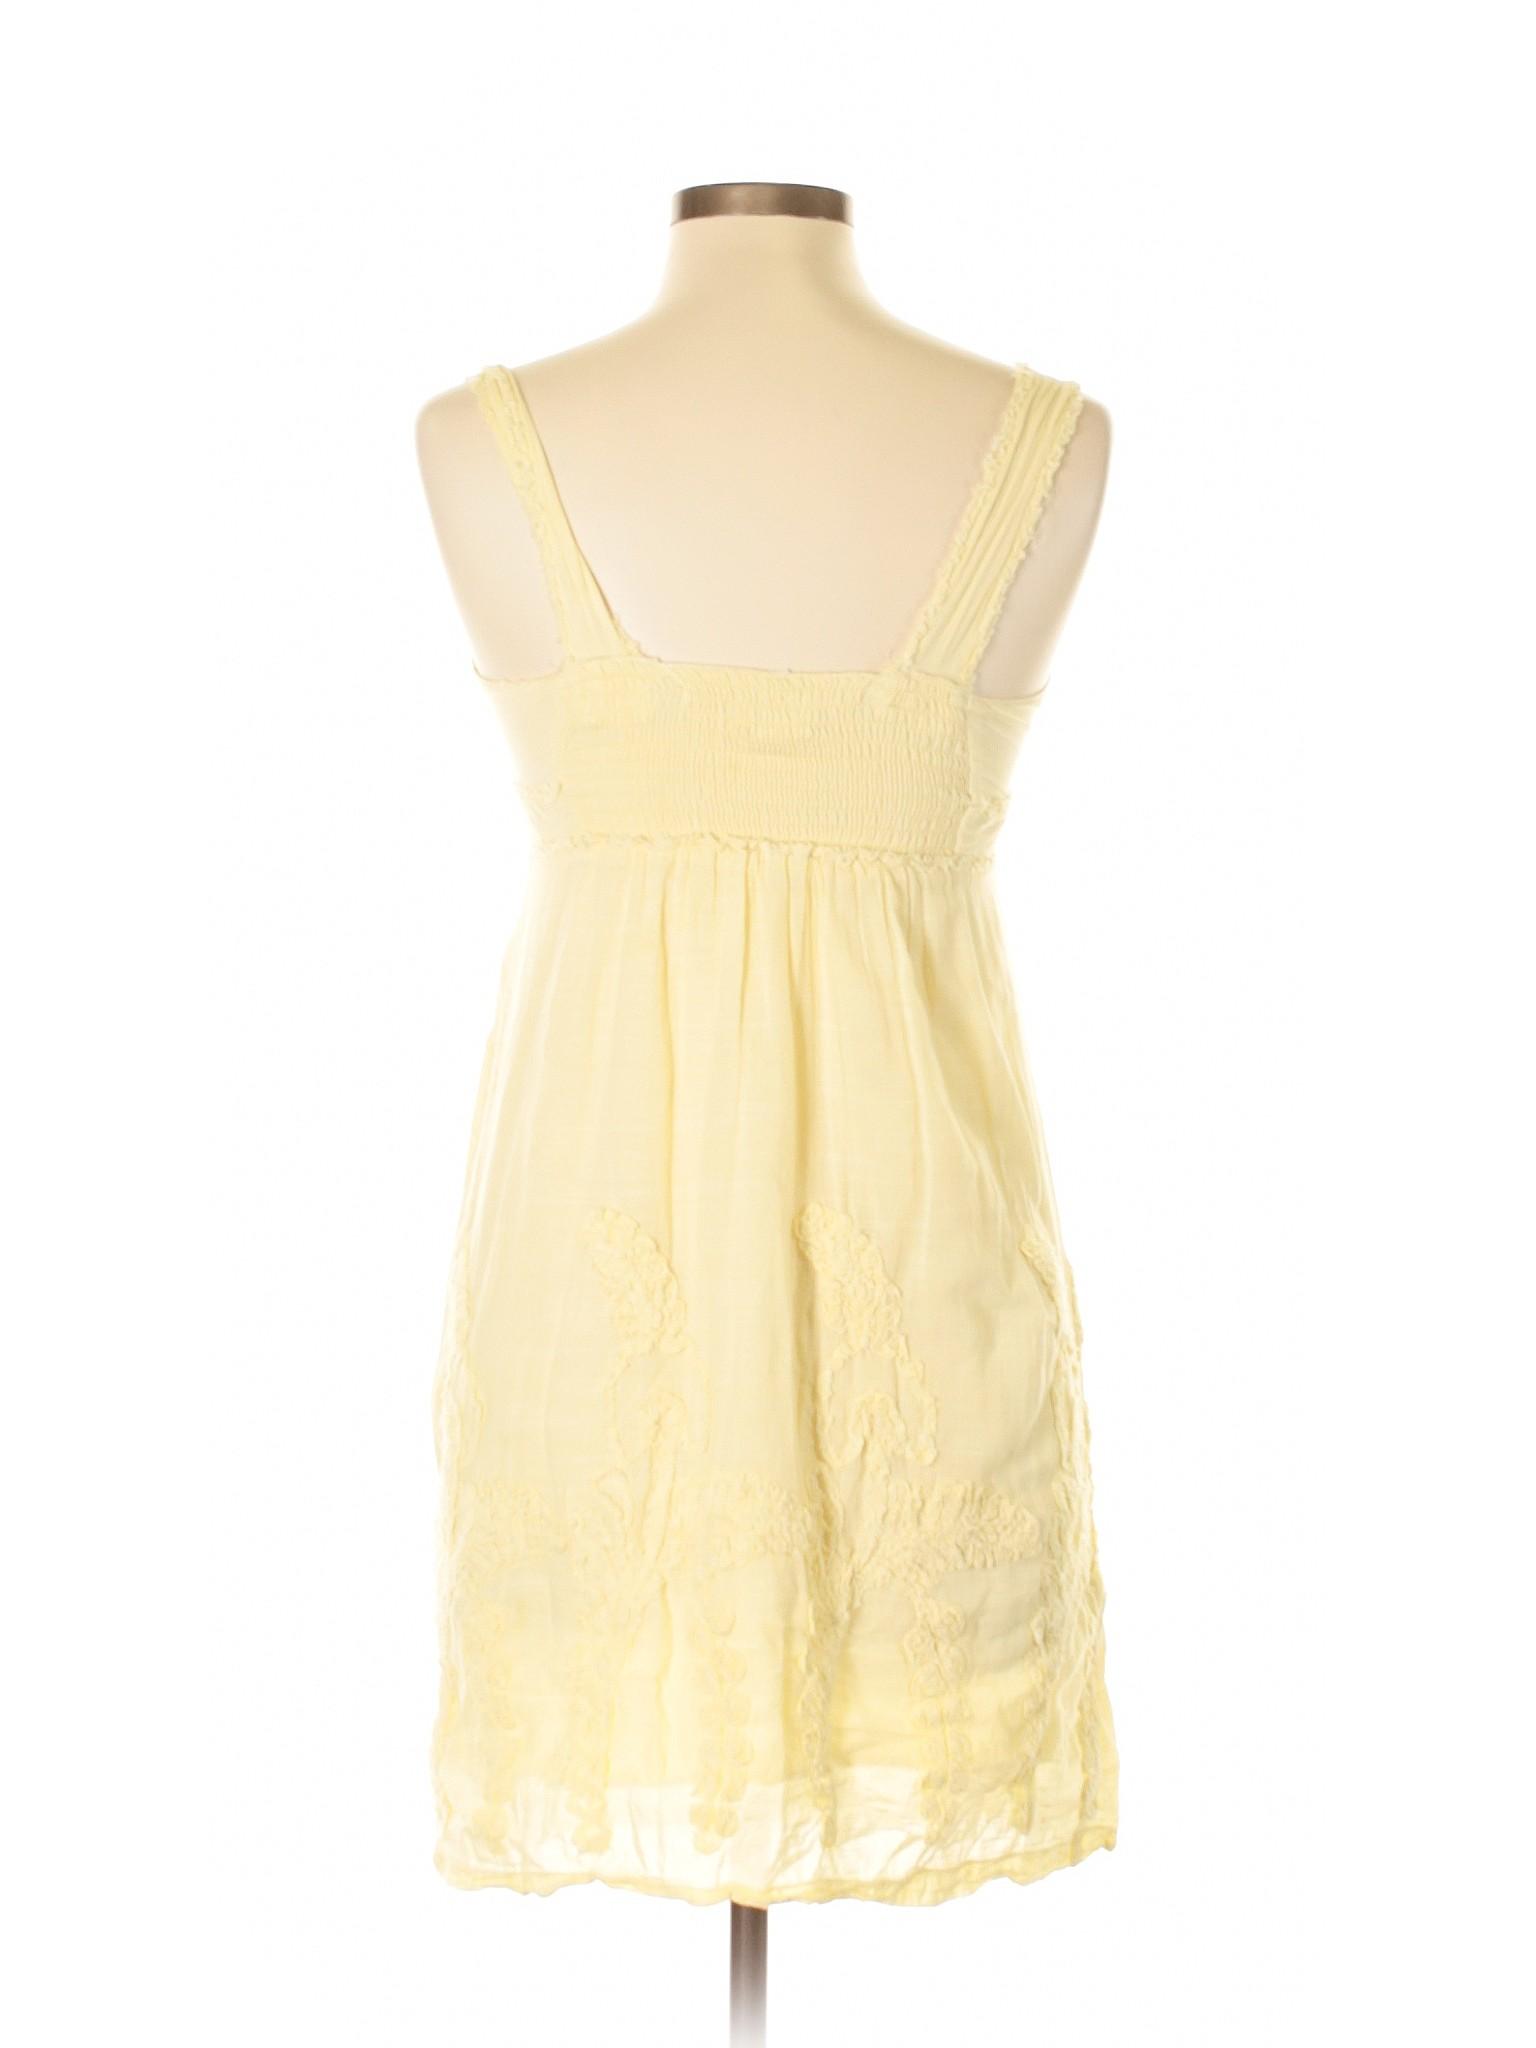 Max Casual Dress winter Studio Boutique 5ZwSfnYqx